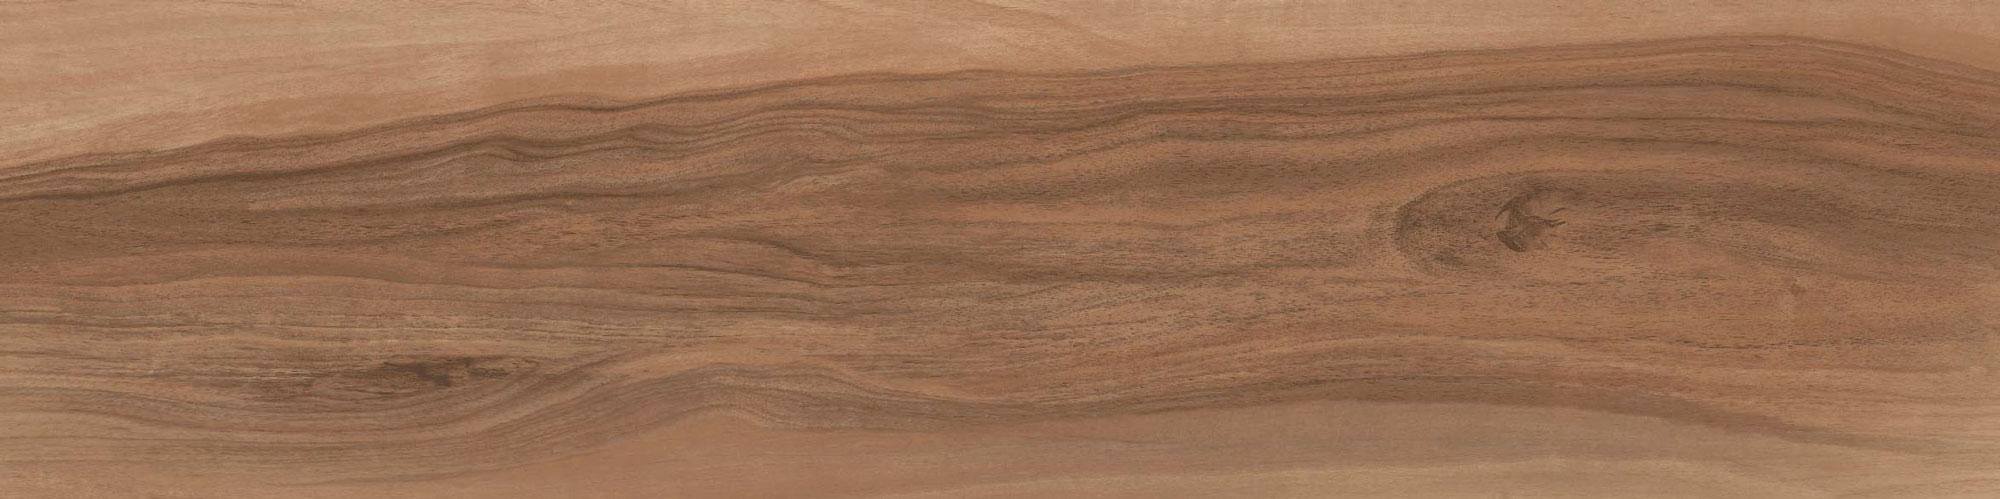 Напольная плитка Ceramika Konskie Windsor iroko 15,5x62 (1,06) ceramika konskie windsor iroko 15 5x62